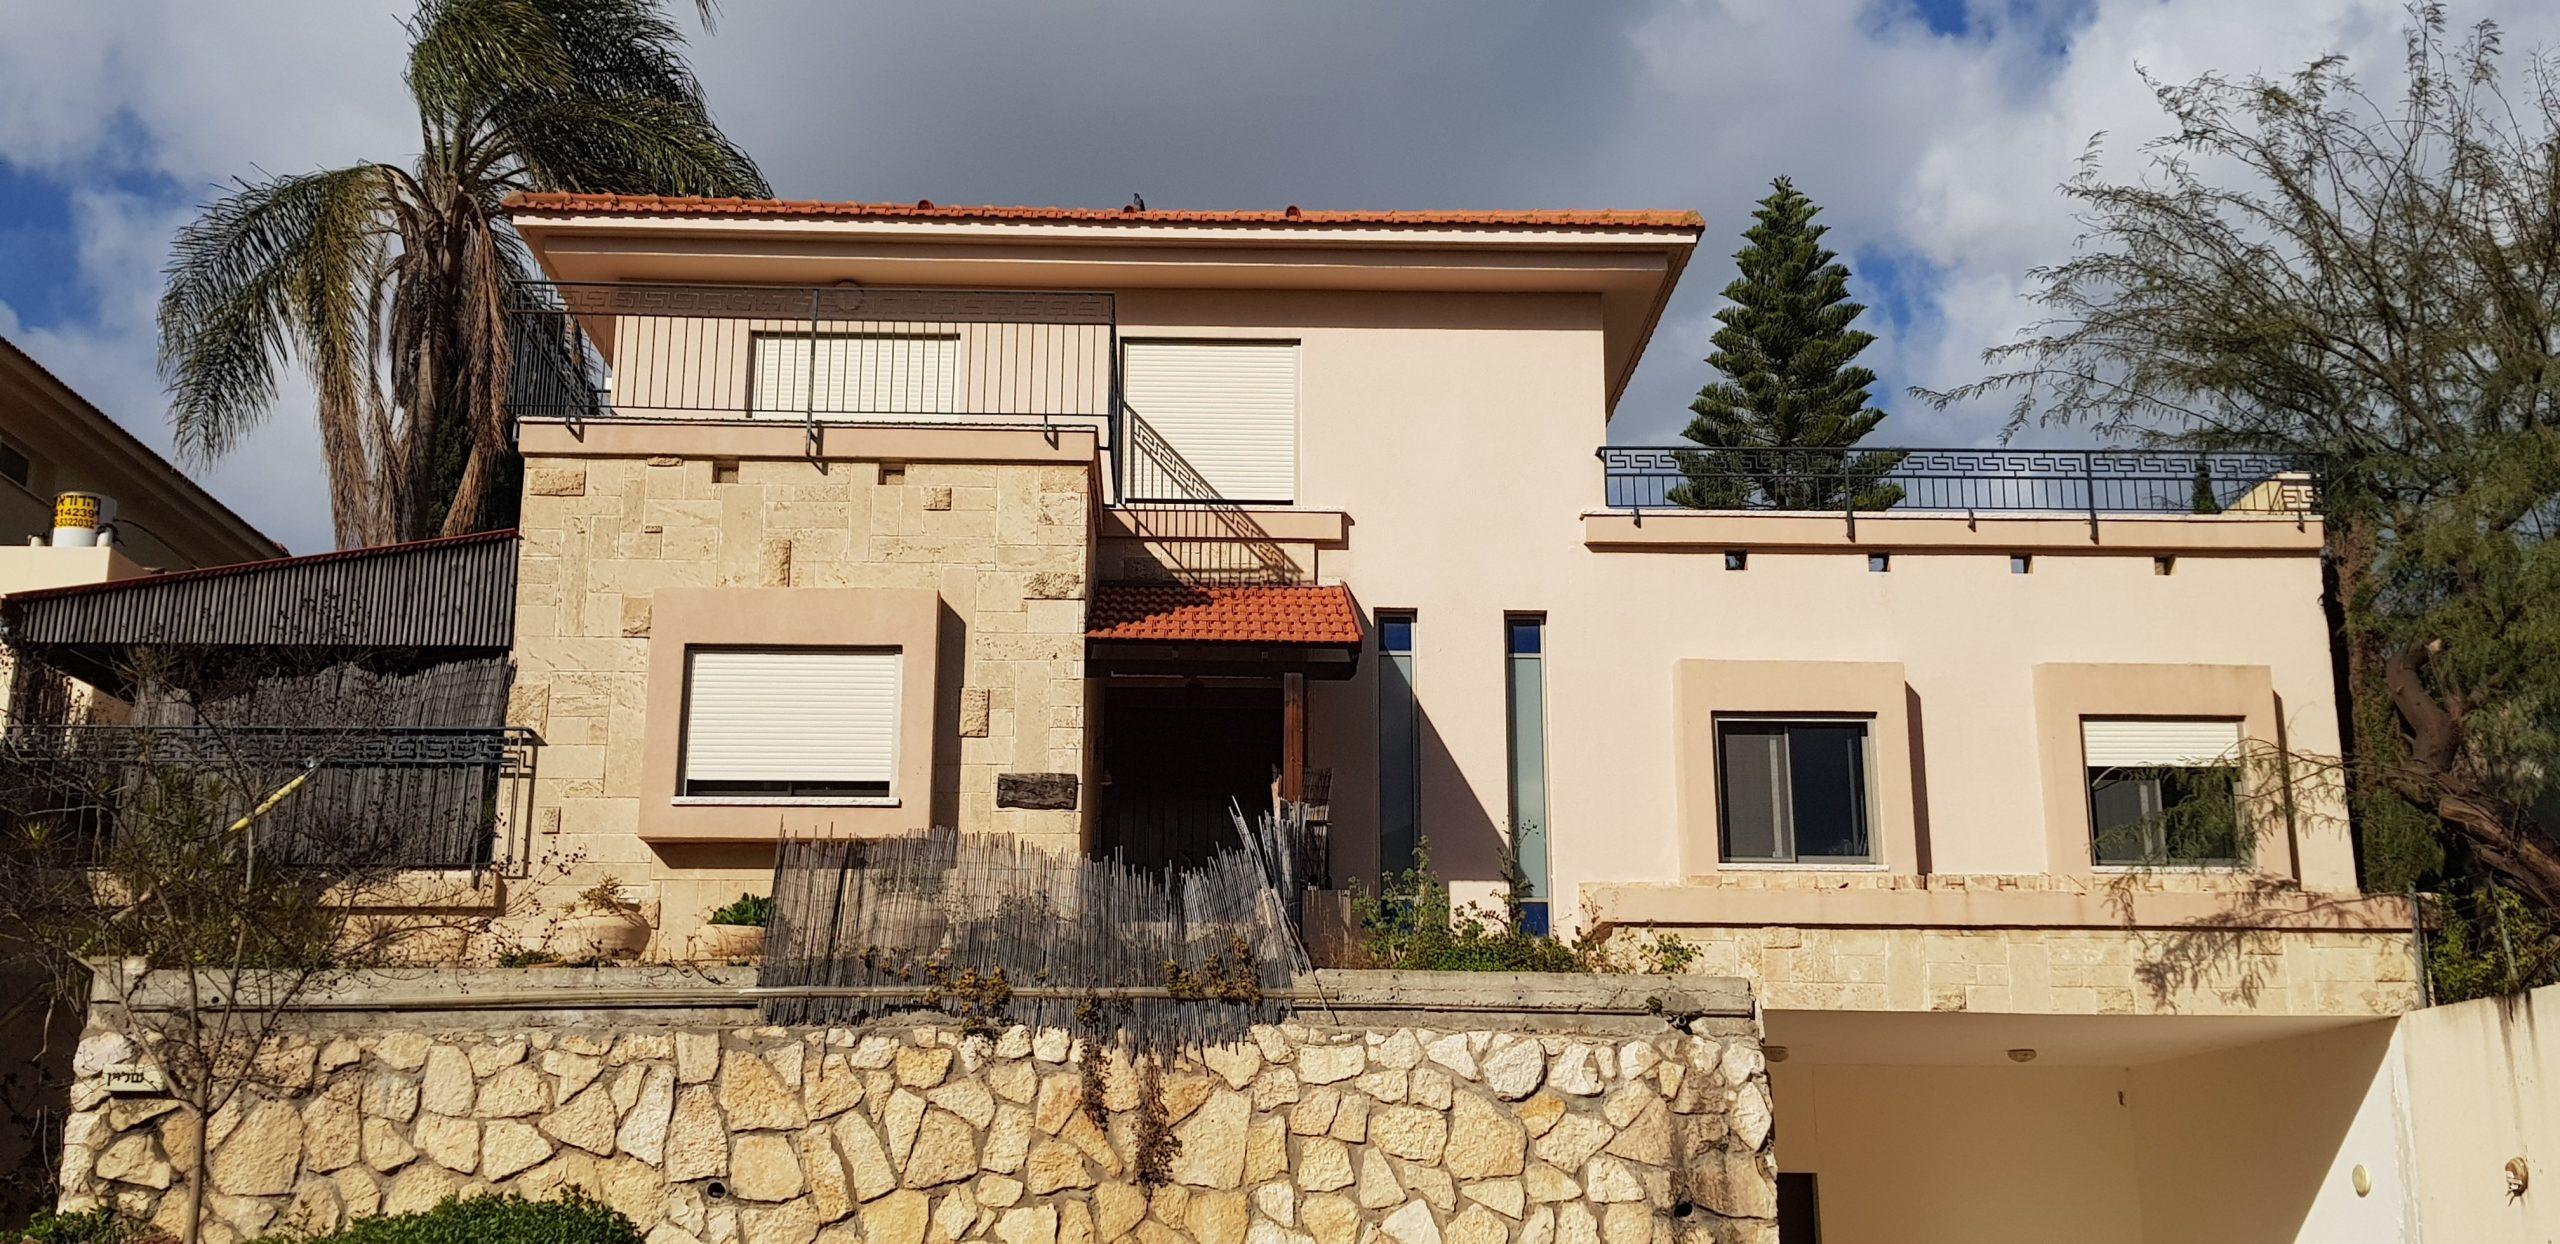 בישוב עדי בית ענק עם 2 יחידות דיור על שטח גדול